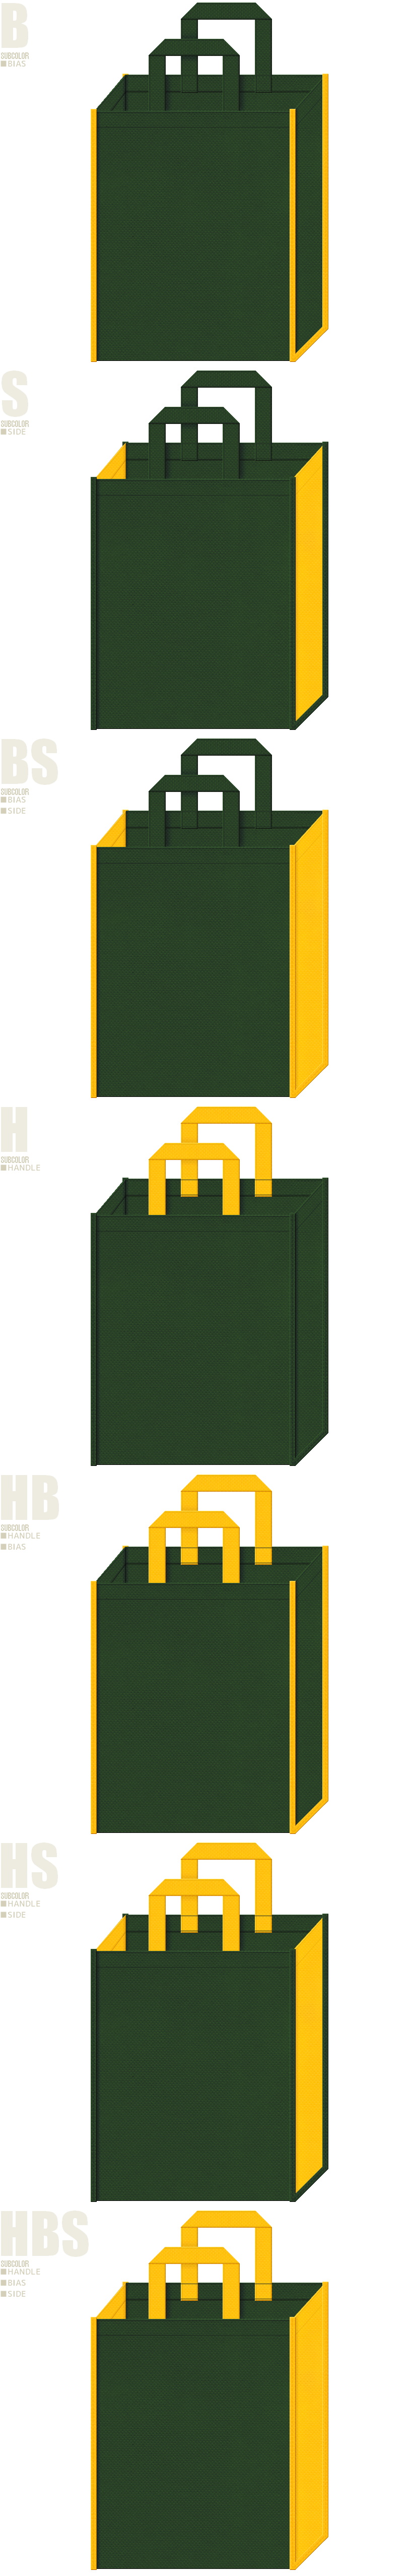 パイナップル・かぼちゃ・保安・電気工事・安全用品・ランタン・登山・アウトドア・キャンプ用品の展示会用バッグにお奨めの不織布バッグデザイン:濃緑色と黄色の配色7パターン